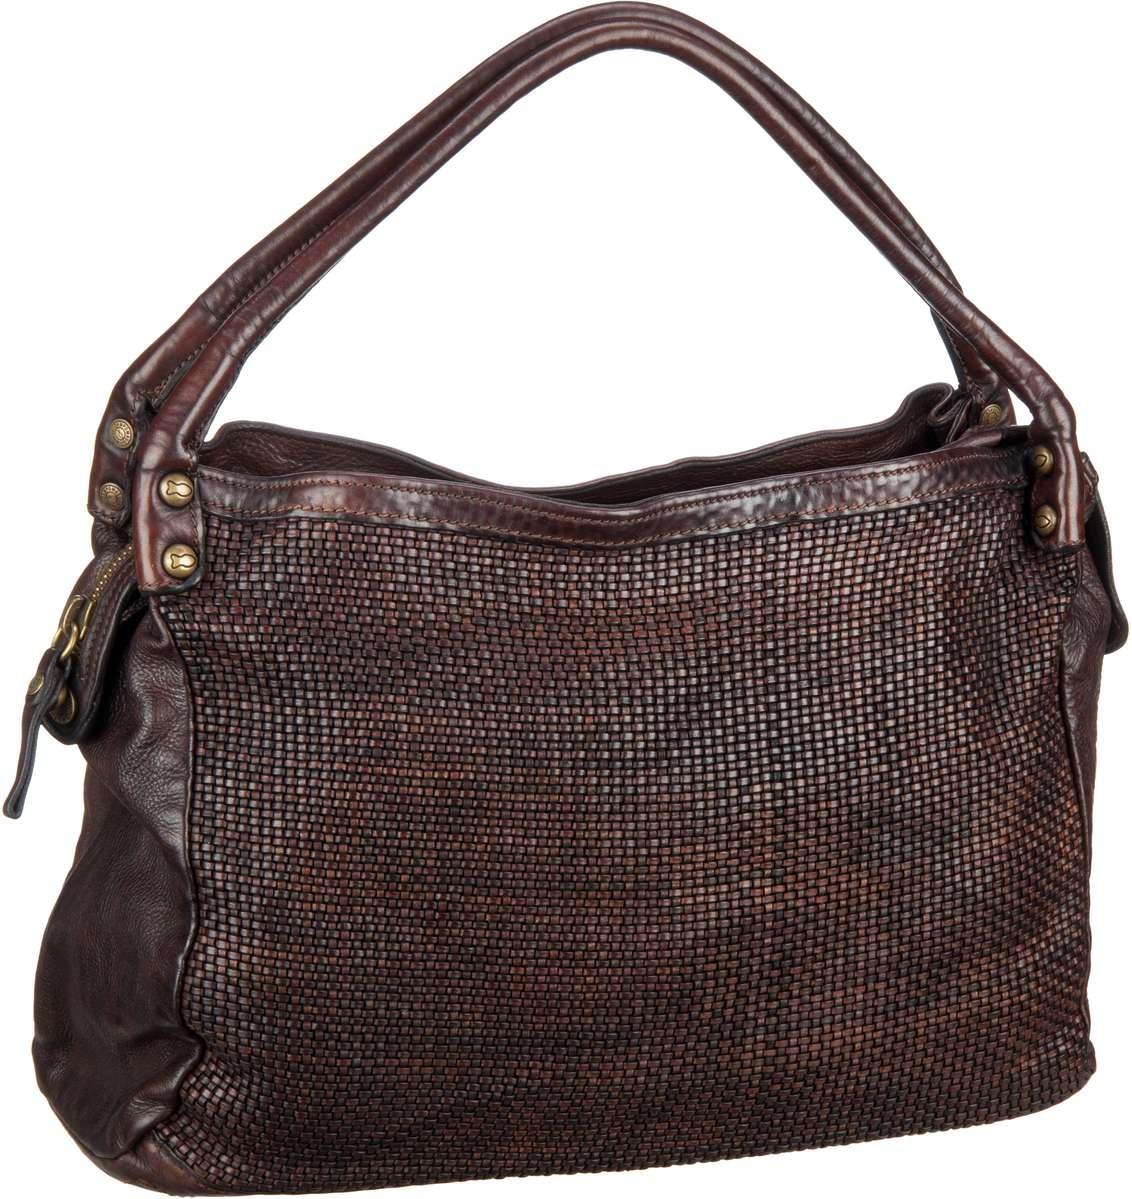 Handtaschen für Frauen - Campomaggi Handtasche Woven C6760 Moro  - Onlineshop Taschenkaufhaus